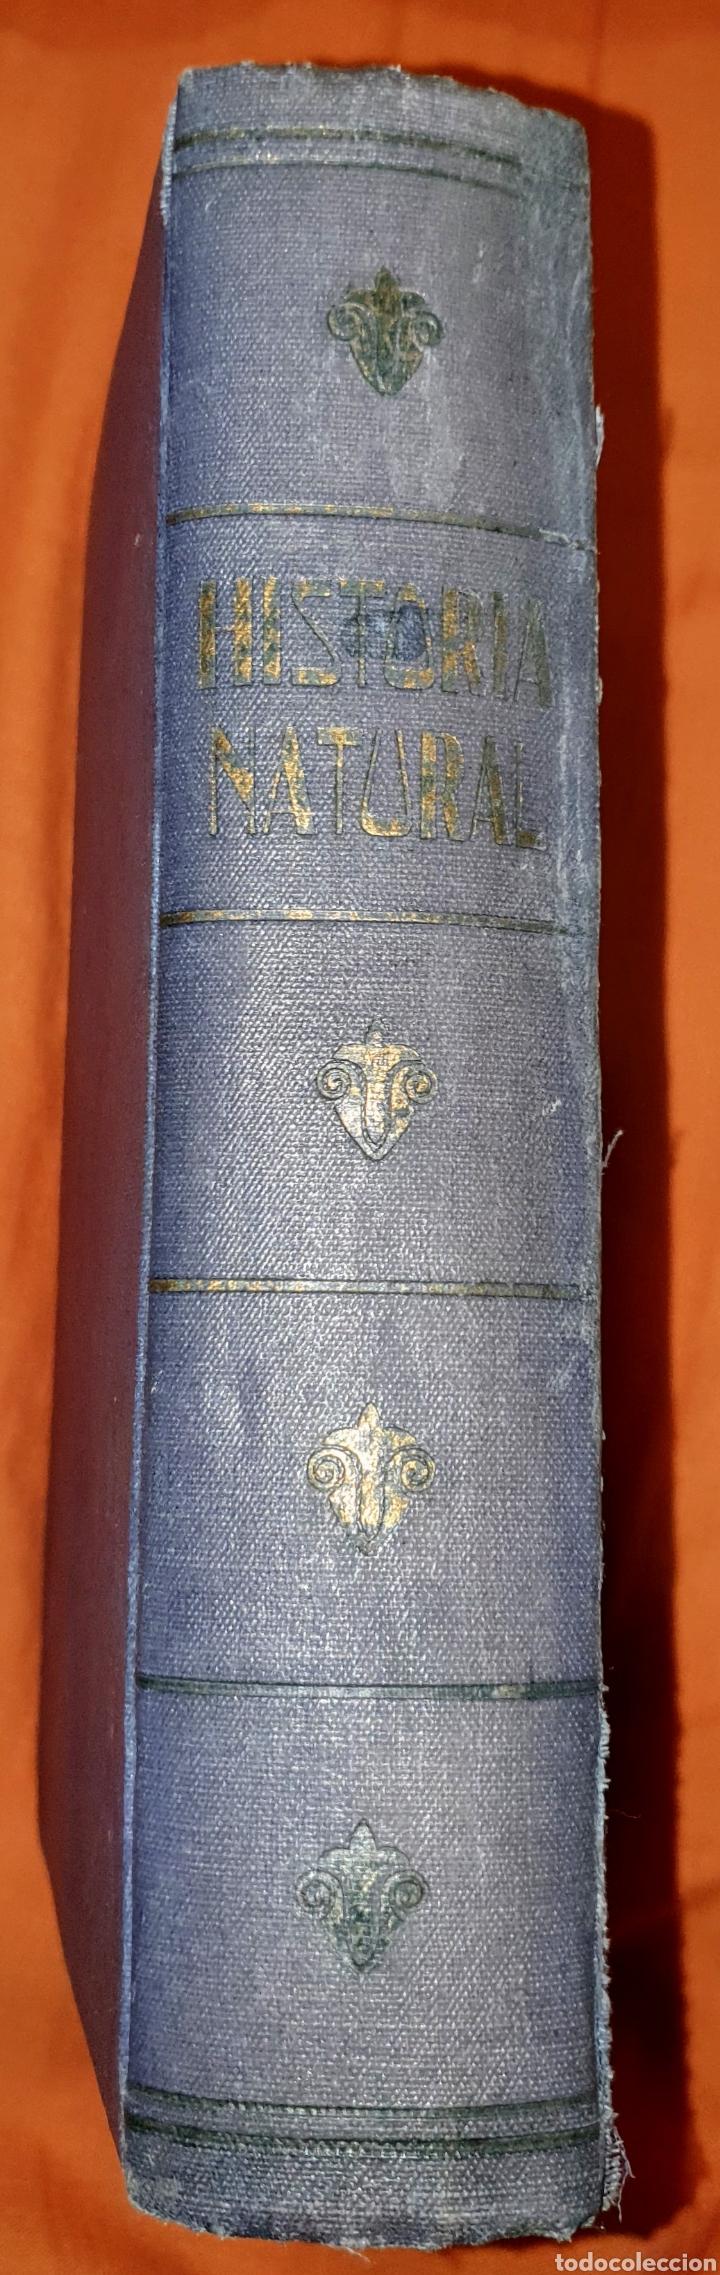 Libros antiguos: Antiguo libro Historia Natural, en la primera hoja está la firma del anterior propietario. - Foto 3 - 191617186